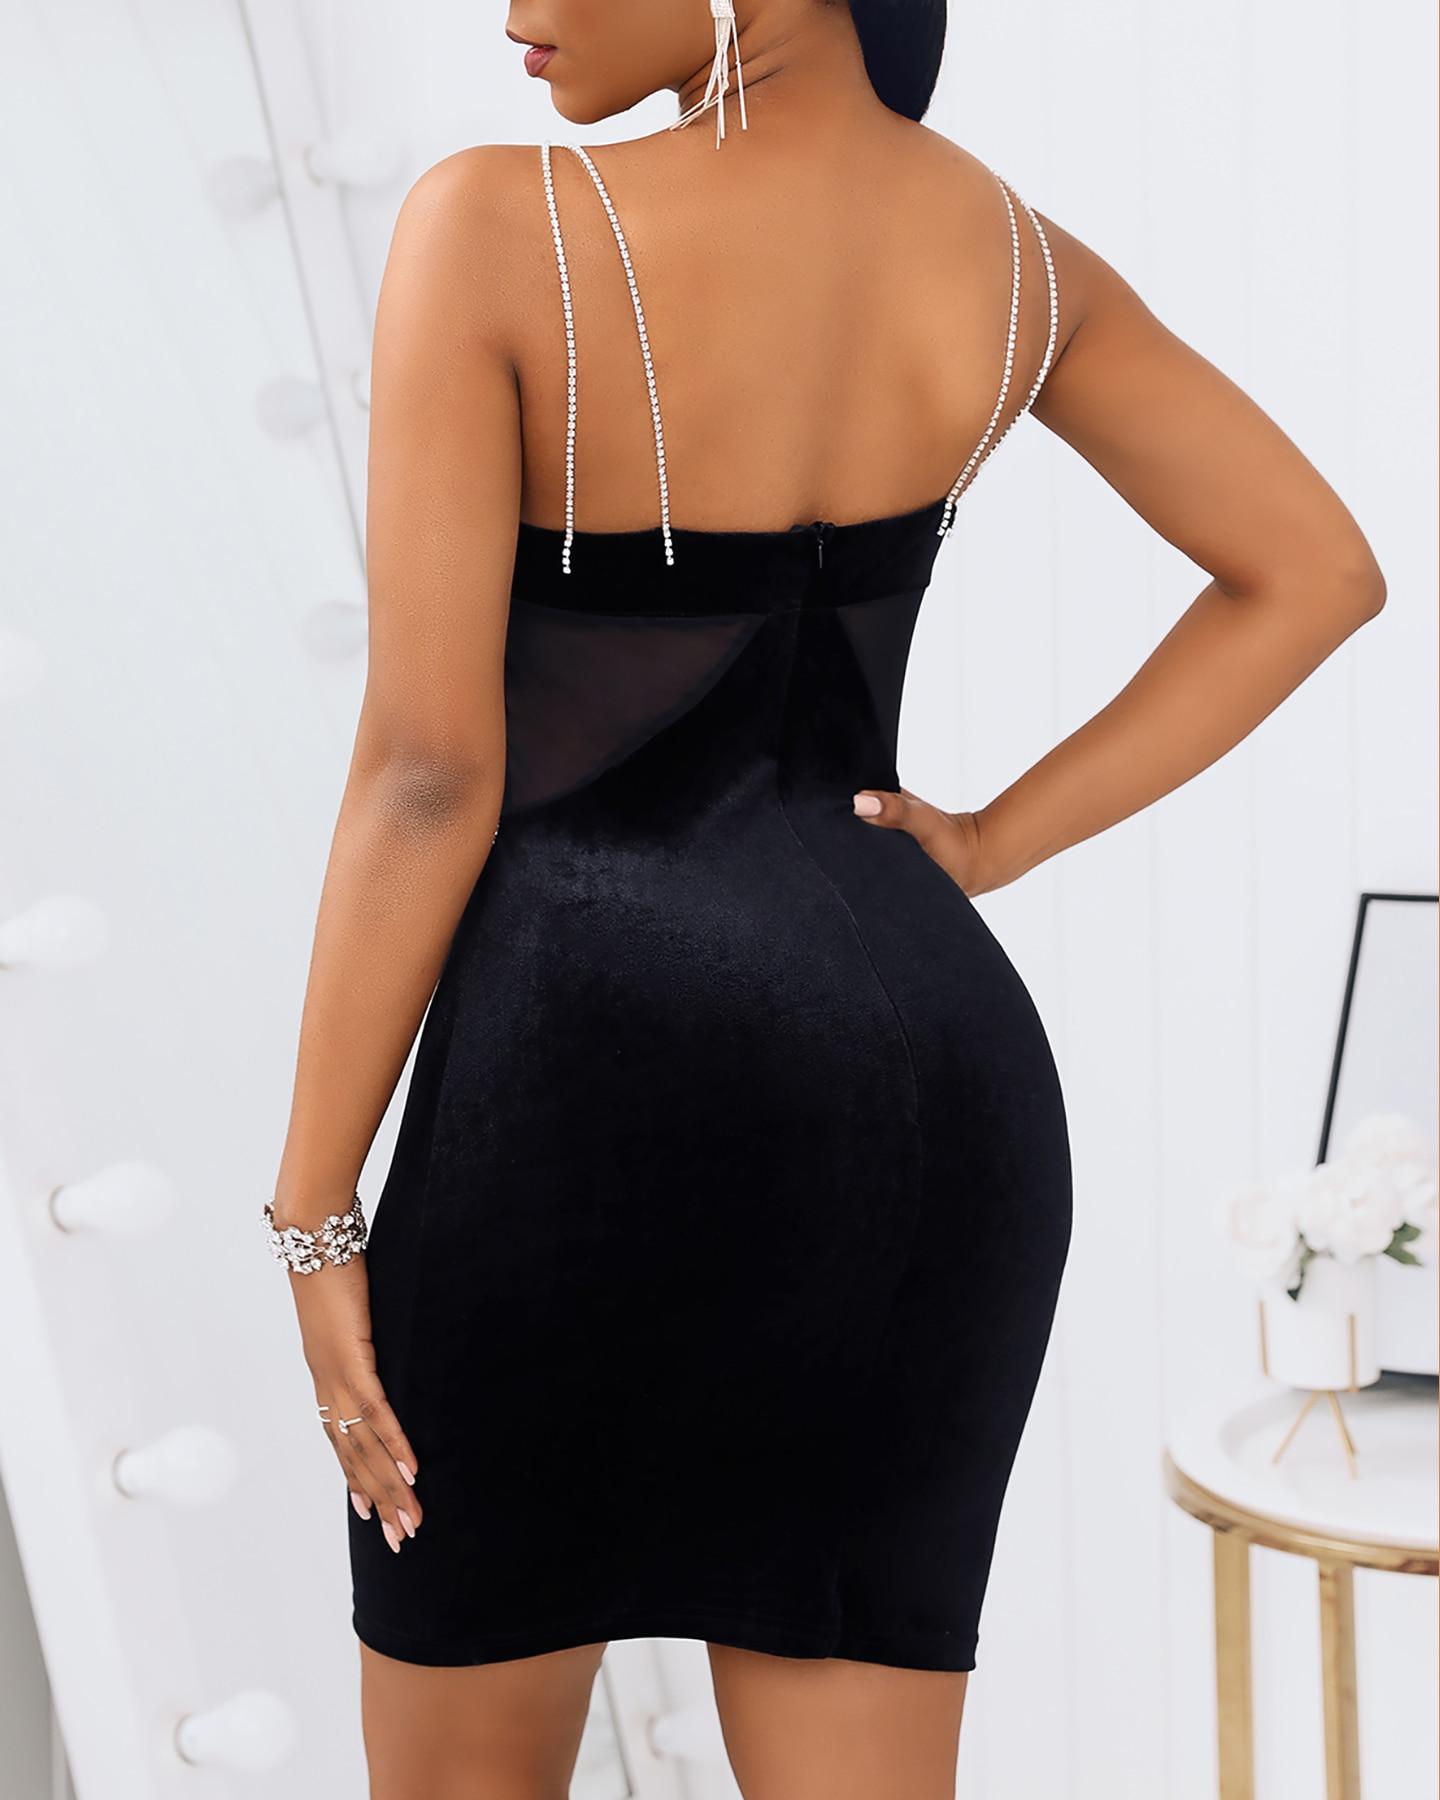 Mini robe de soirée moulante en maille transparente pour femmes, sans manches, Sexy, noire